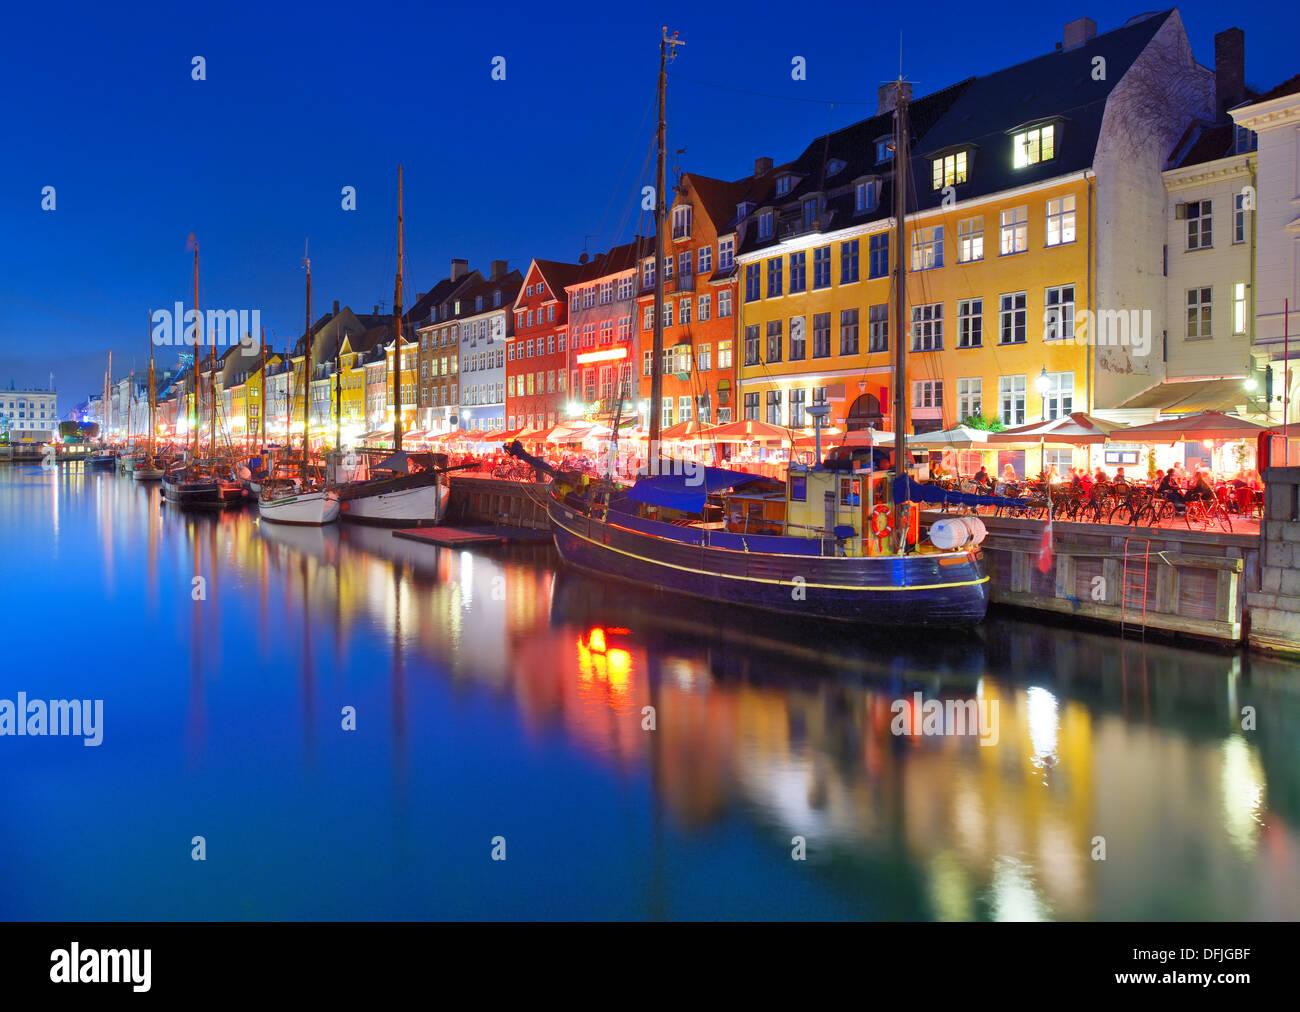 Nyhavn Canal in Copenhagen, Demark. - Stock Image